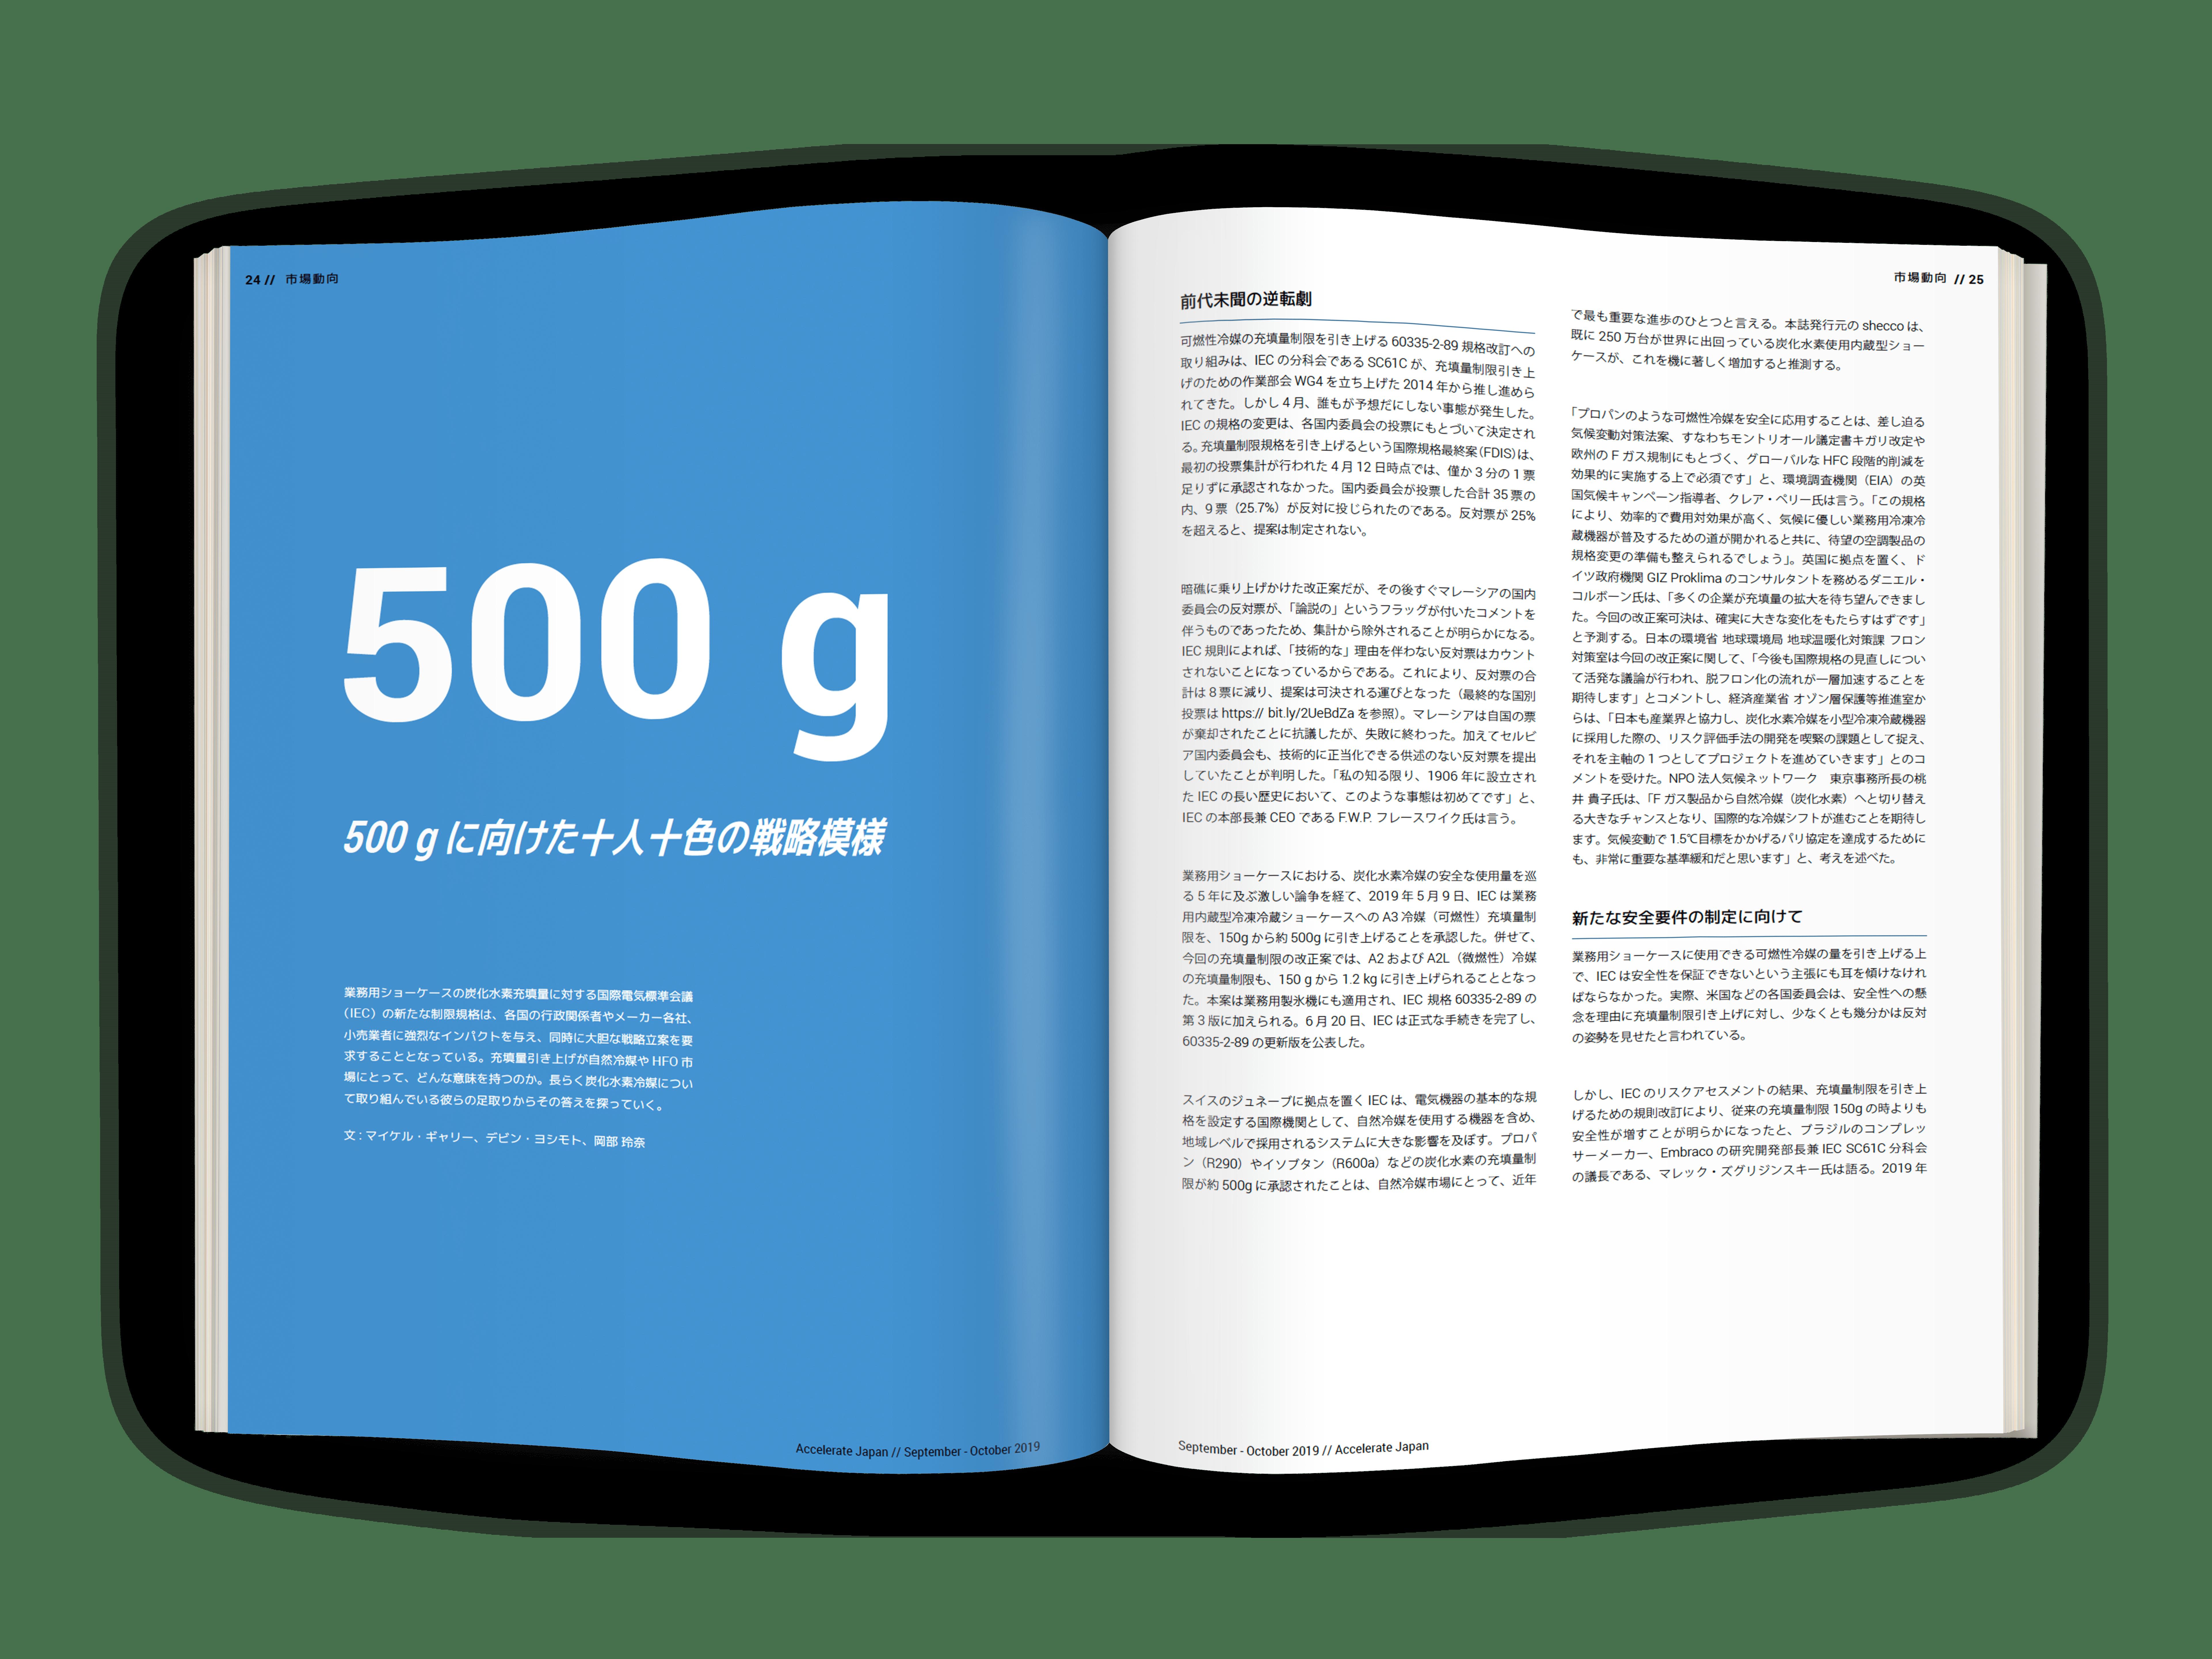 500gに向けた十人十色の戦略模様